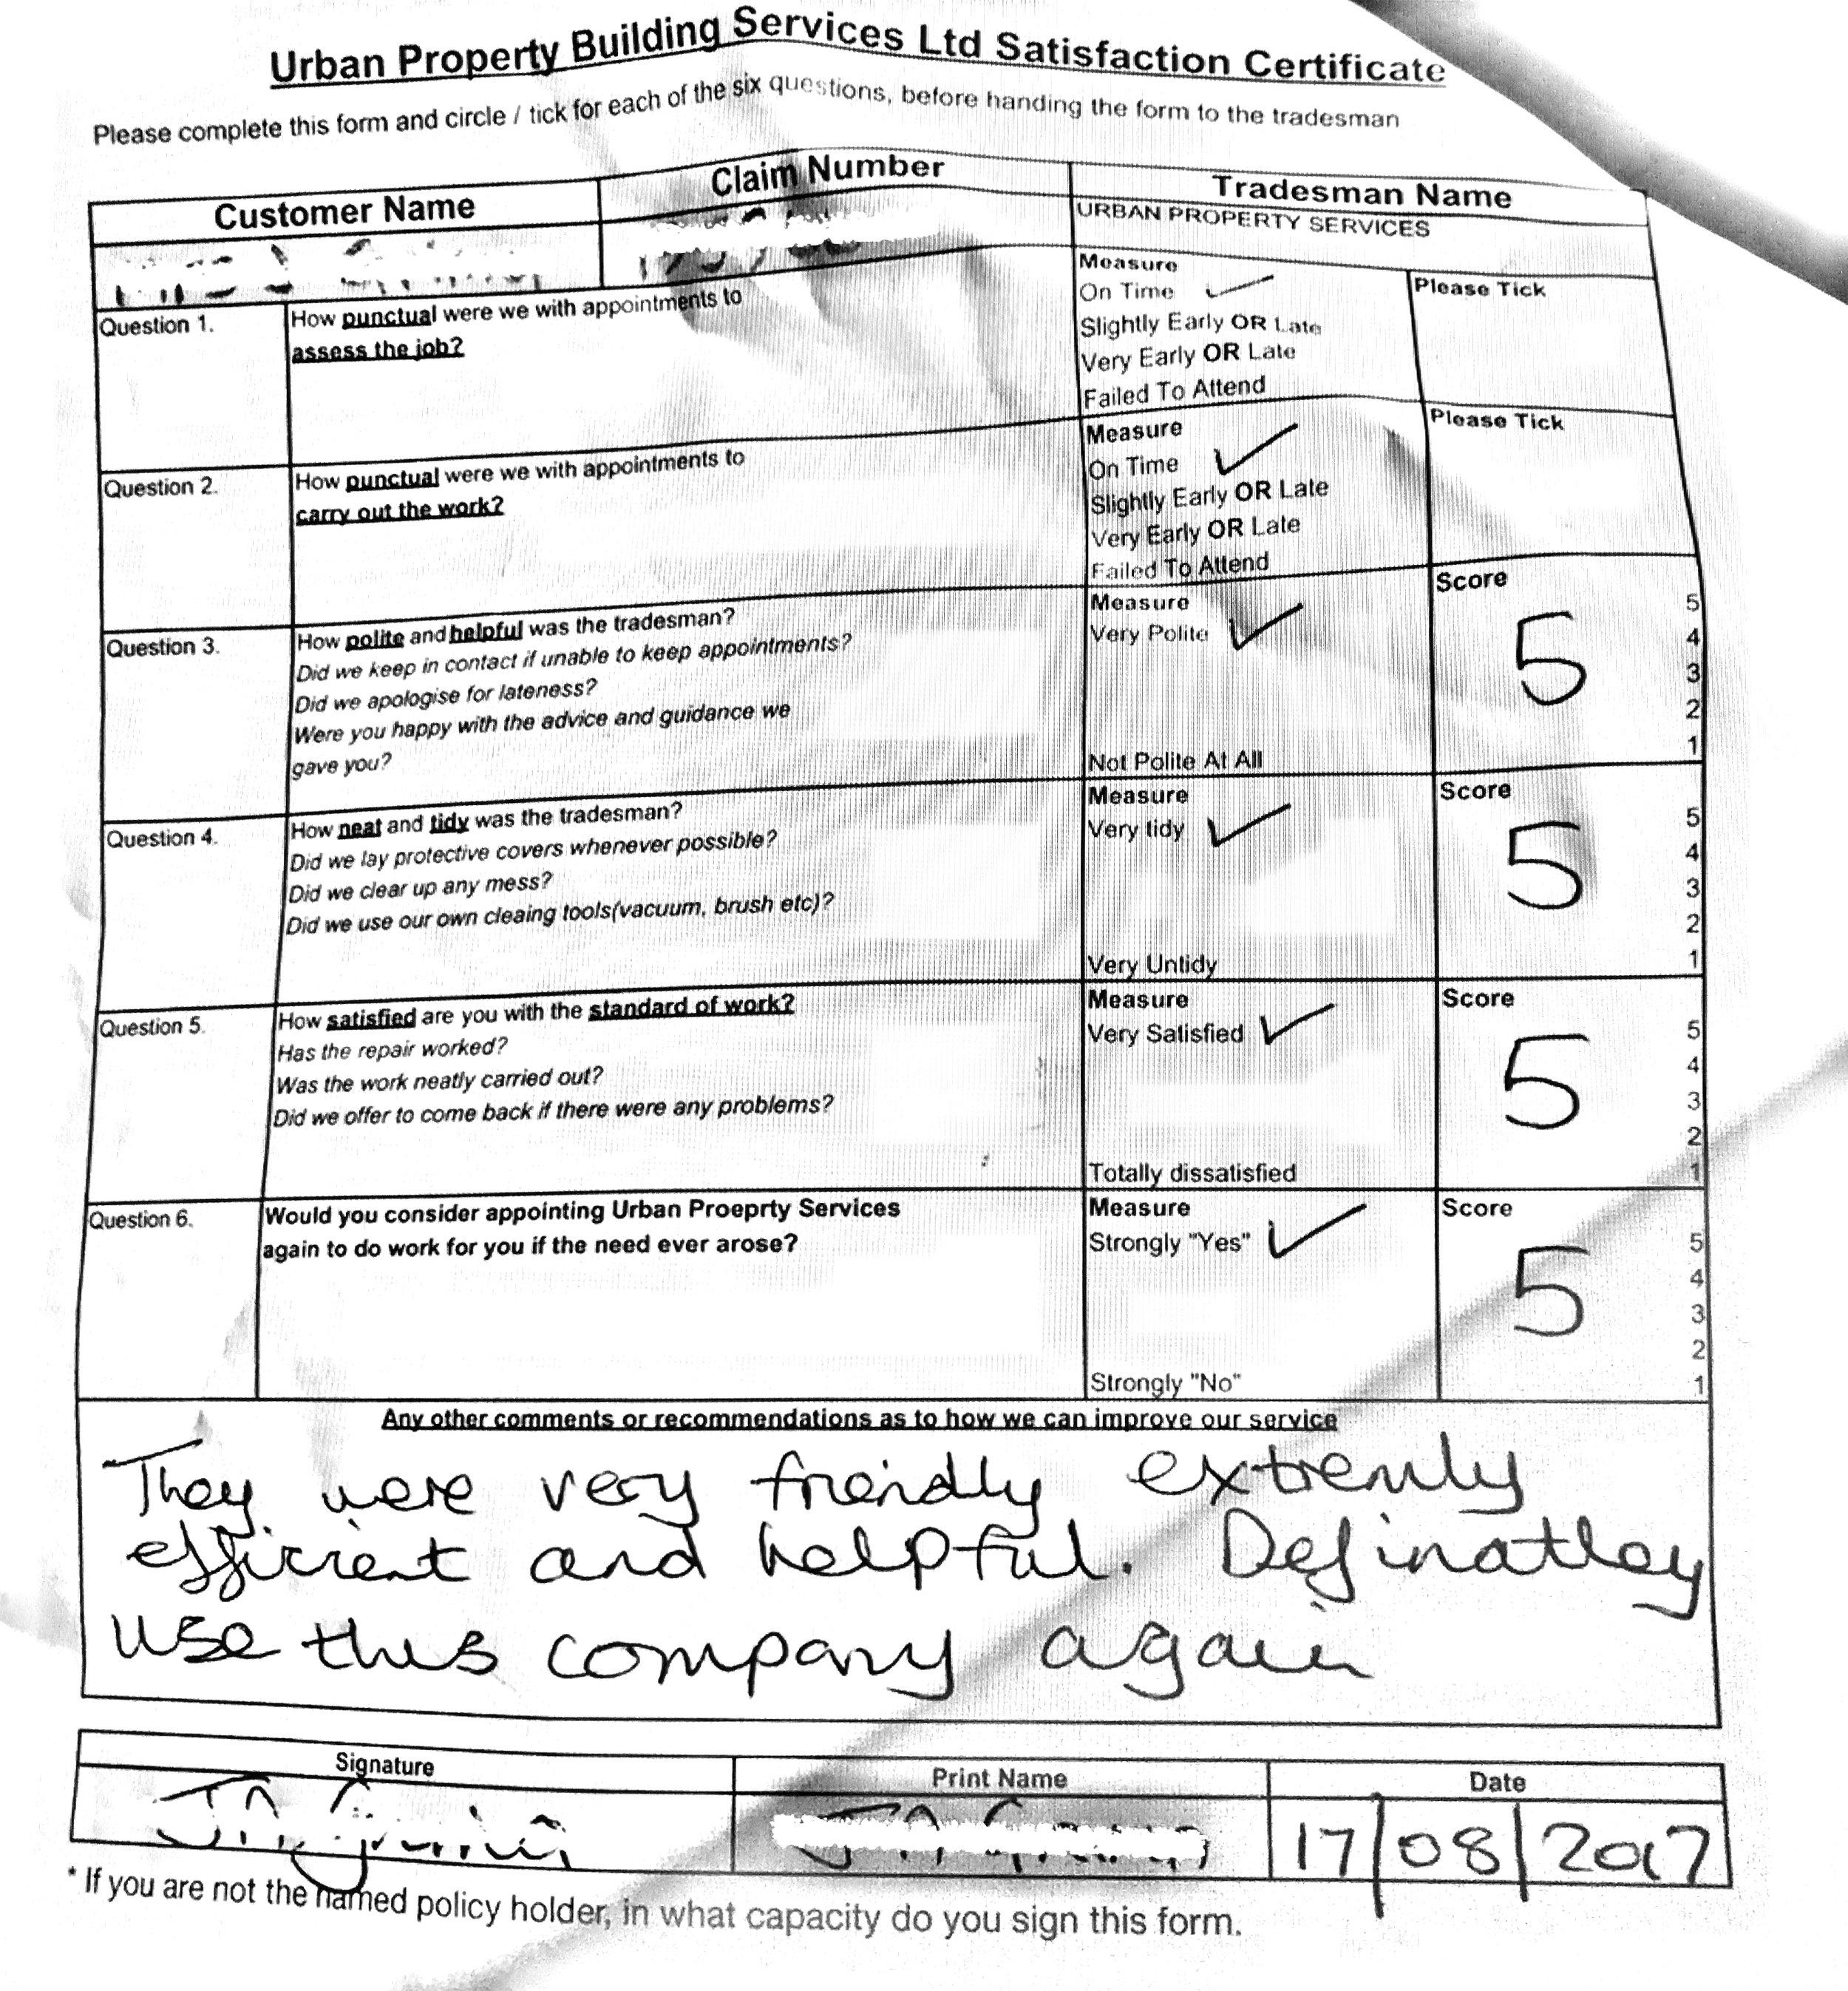 2017 08 17 - 195966 Satisfaction Certificate1.jpg